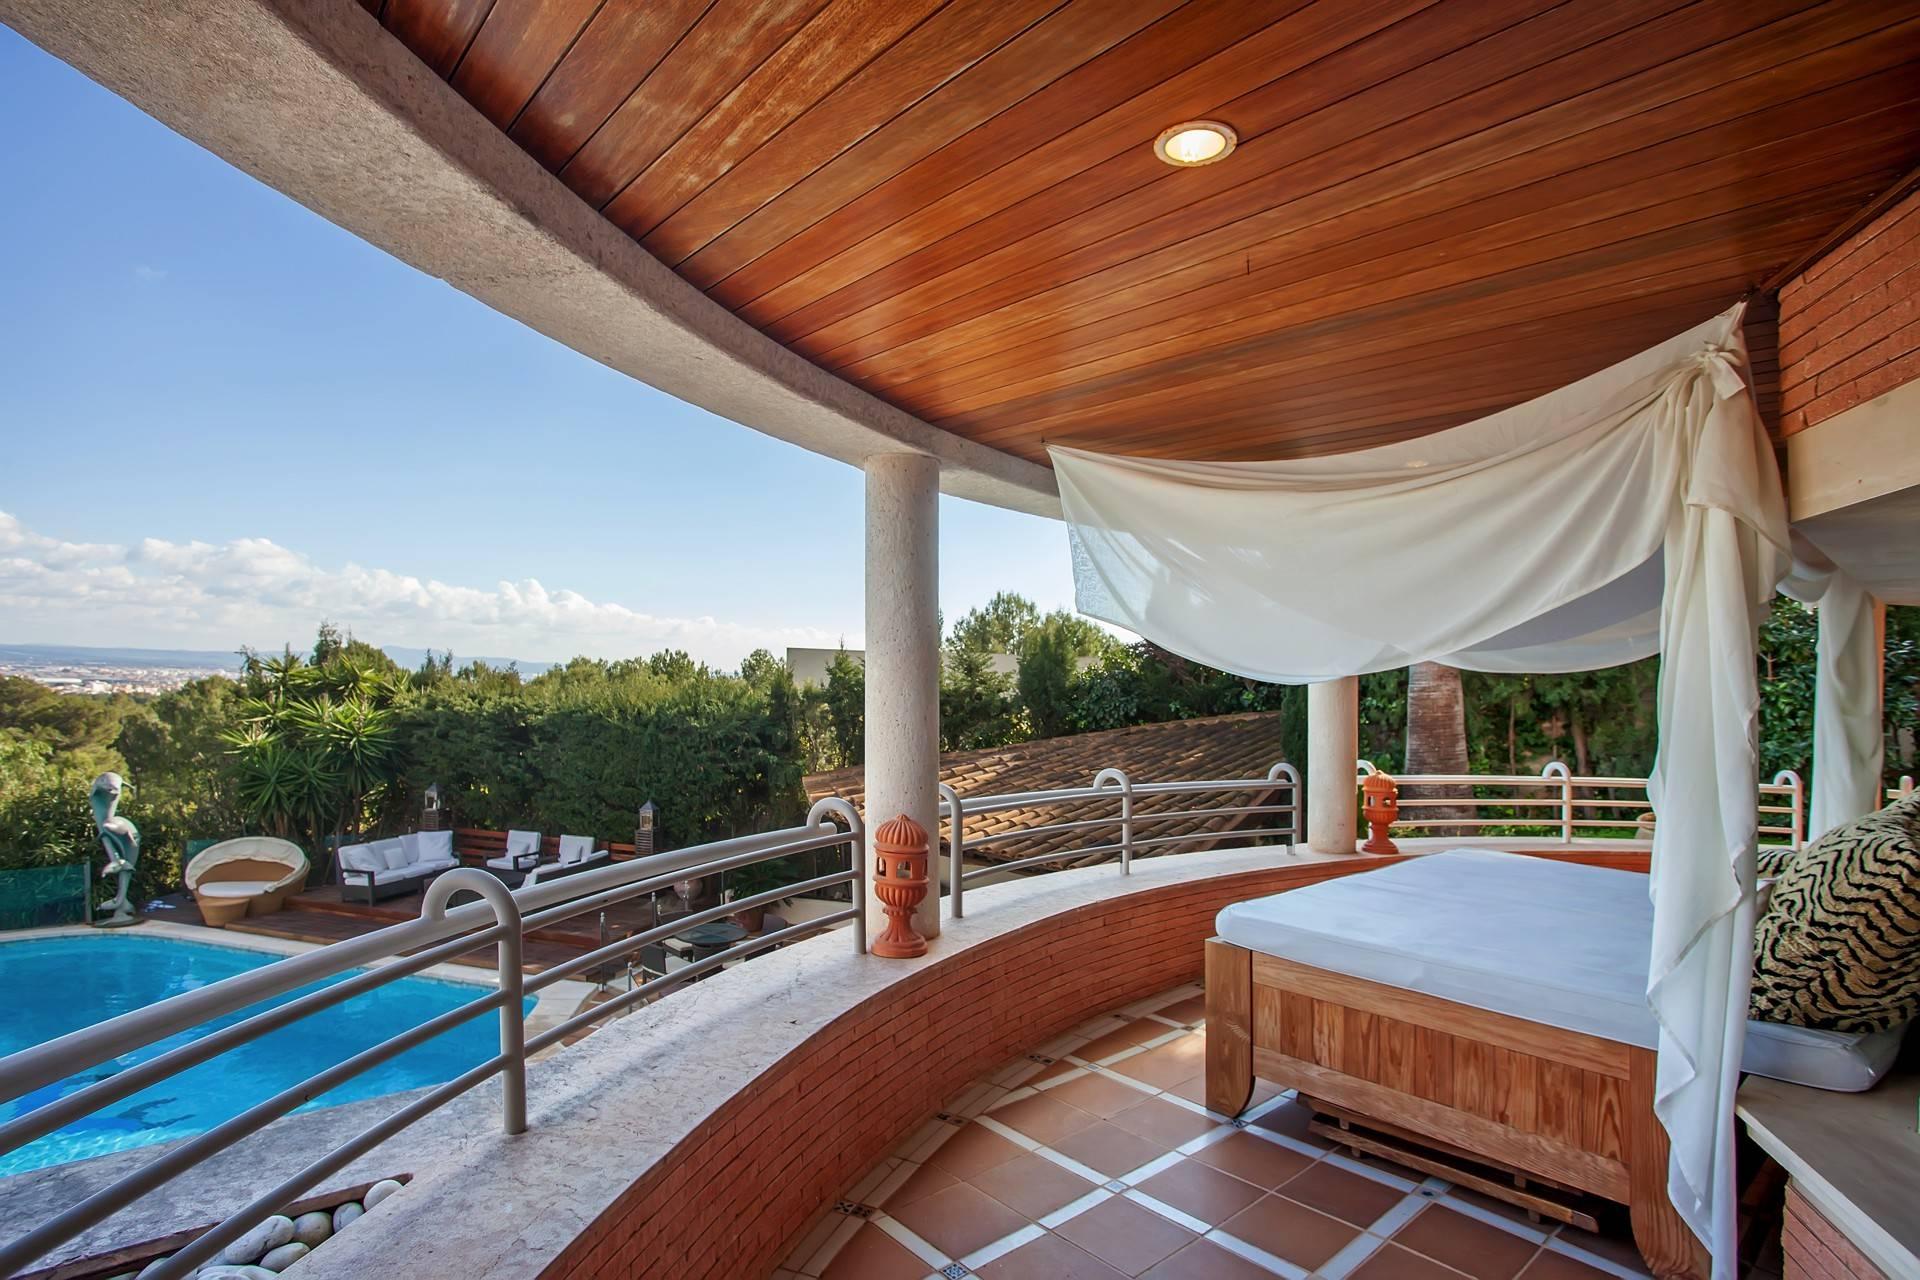 01-251 Extravagant villa Mallorca southwest Bild 11